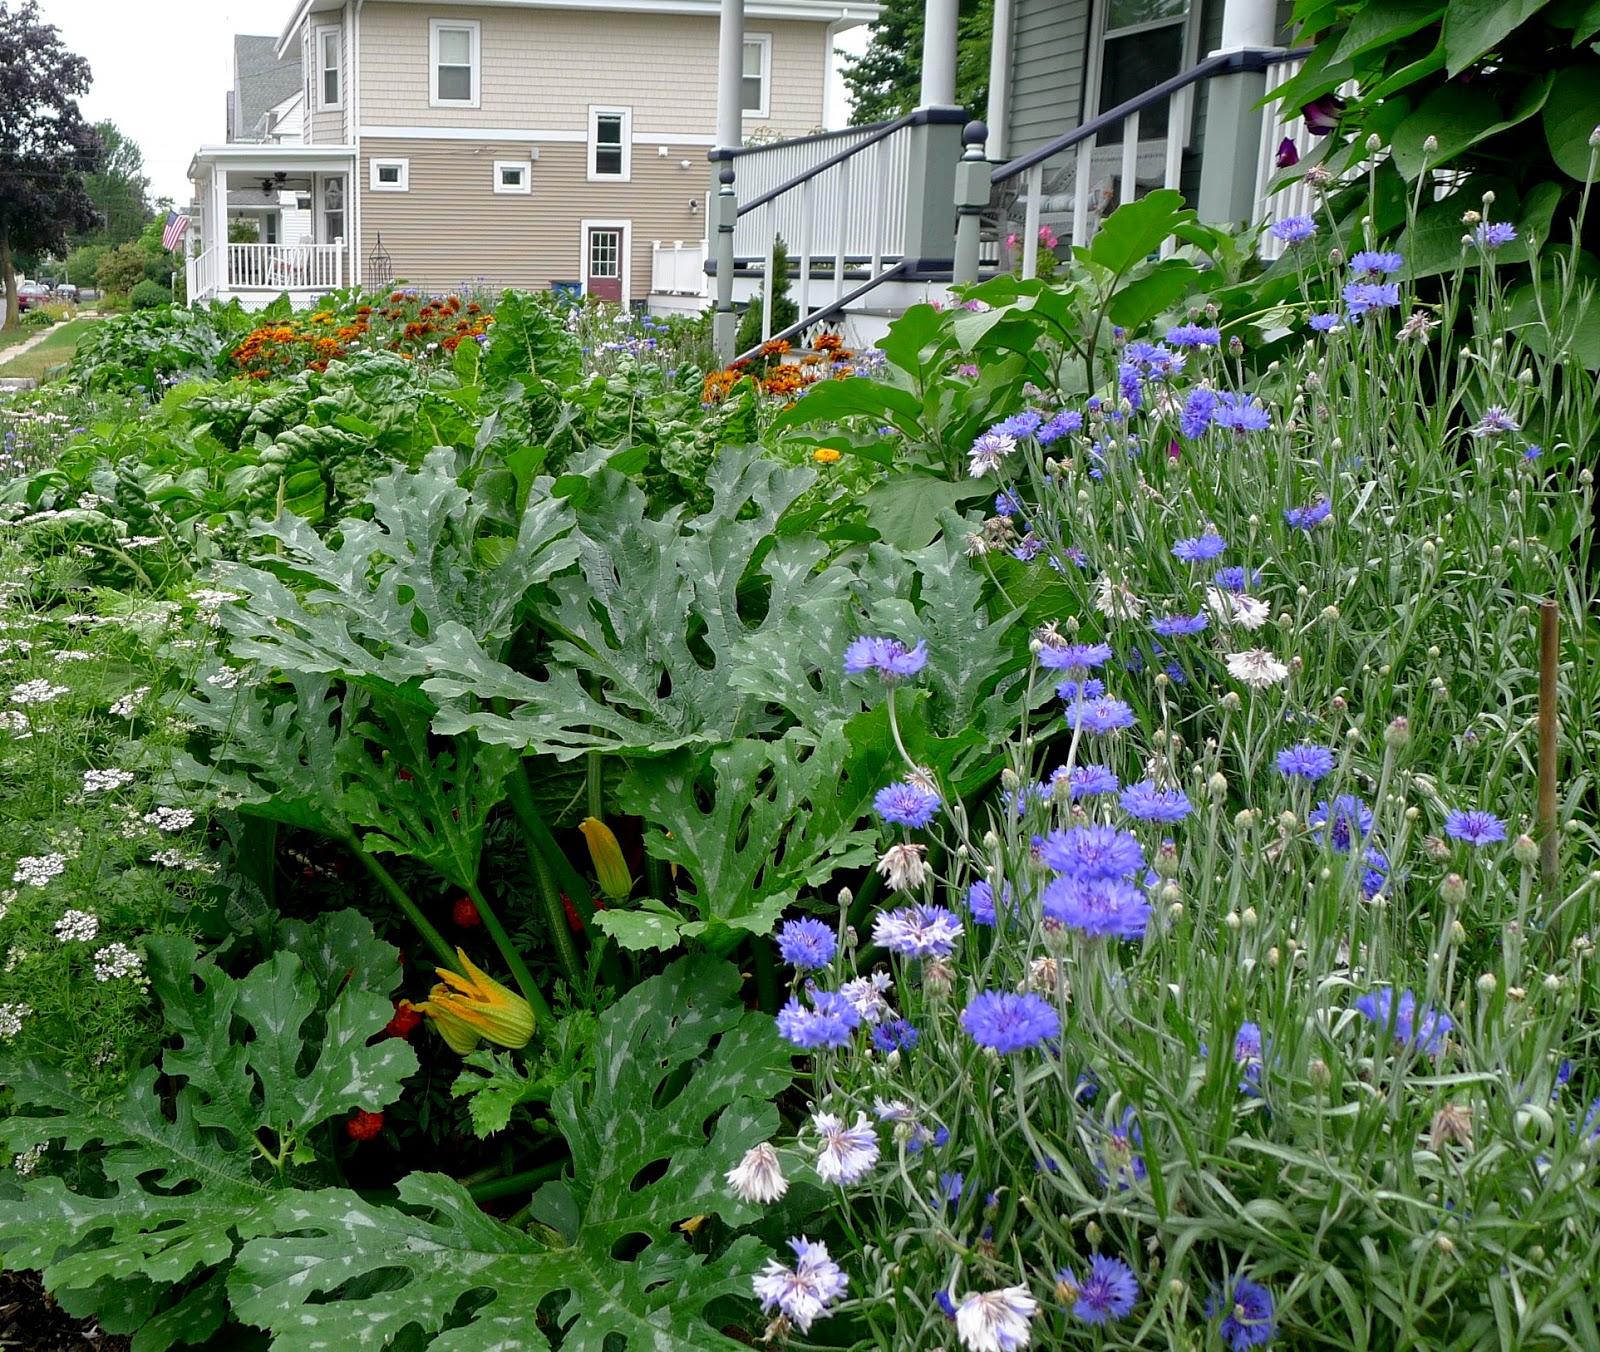 Less Noise, More Green: Edible Landscape Project